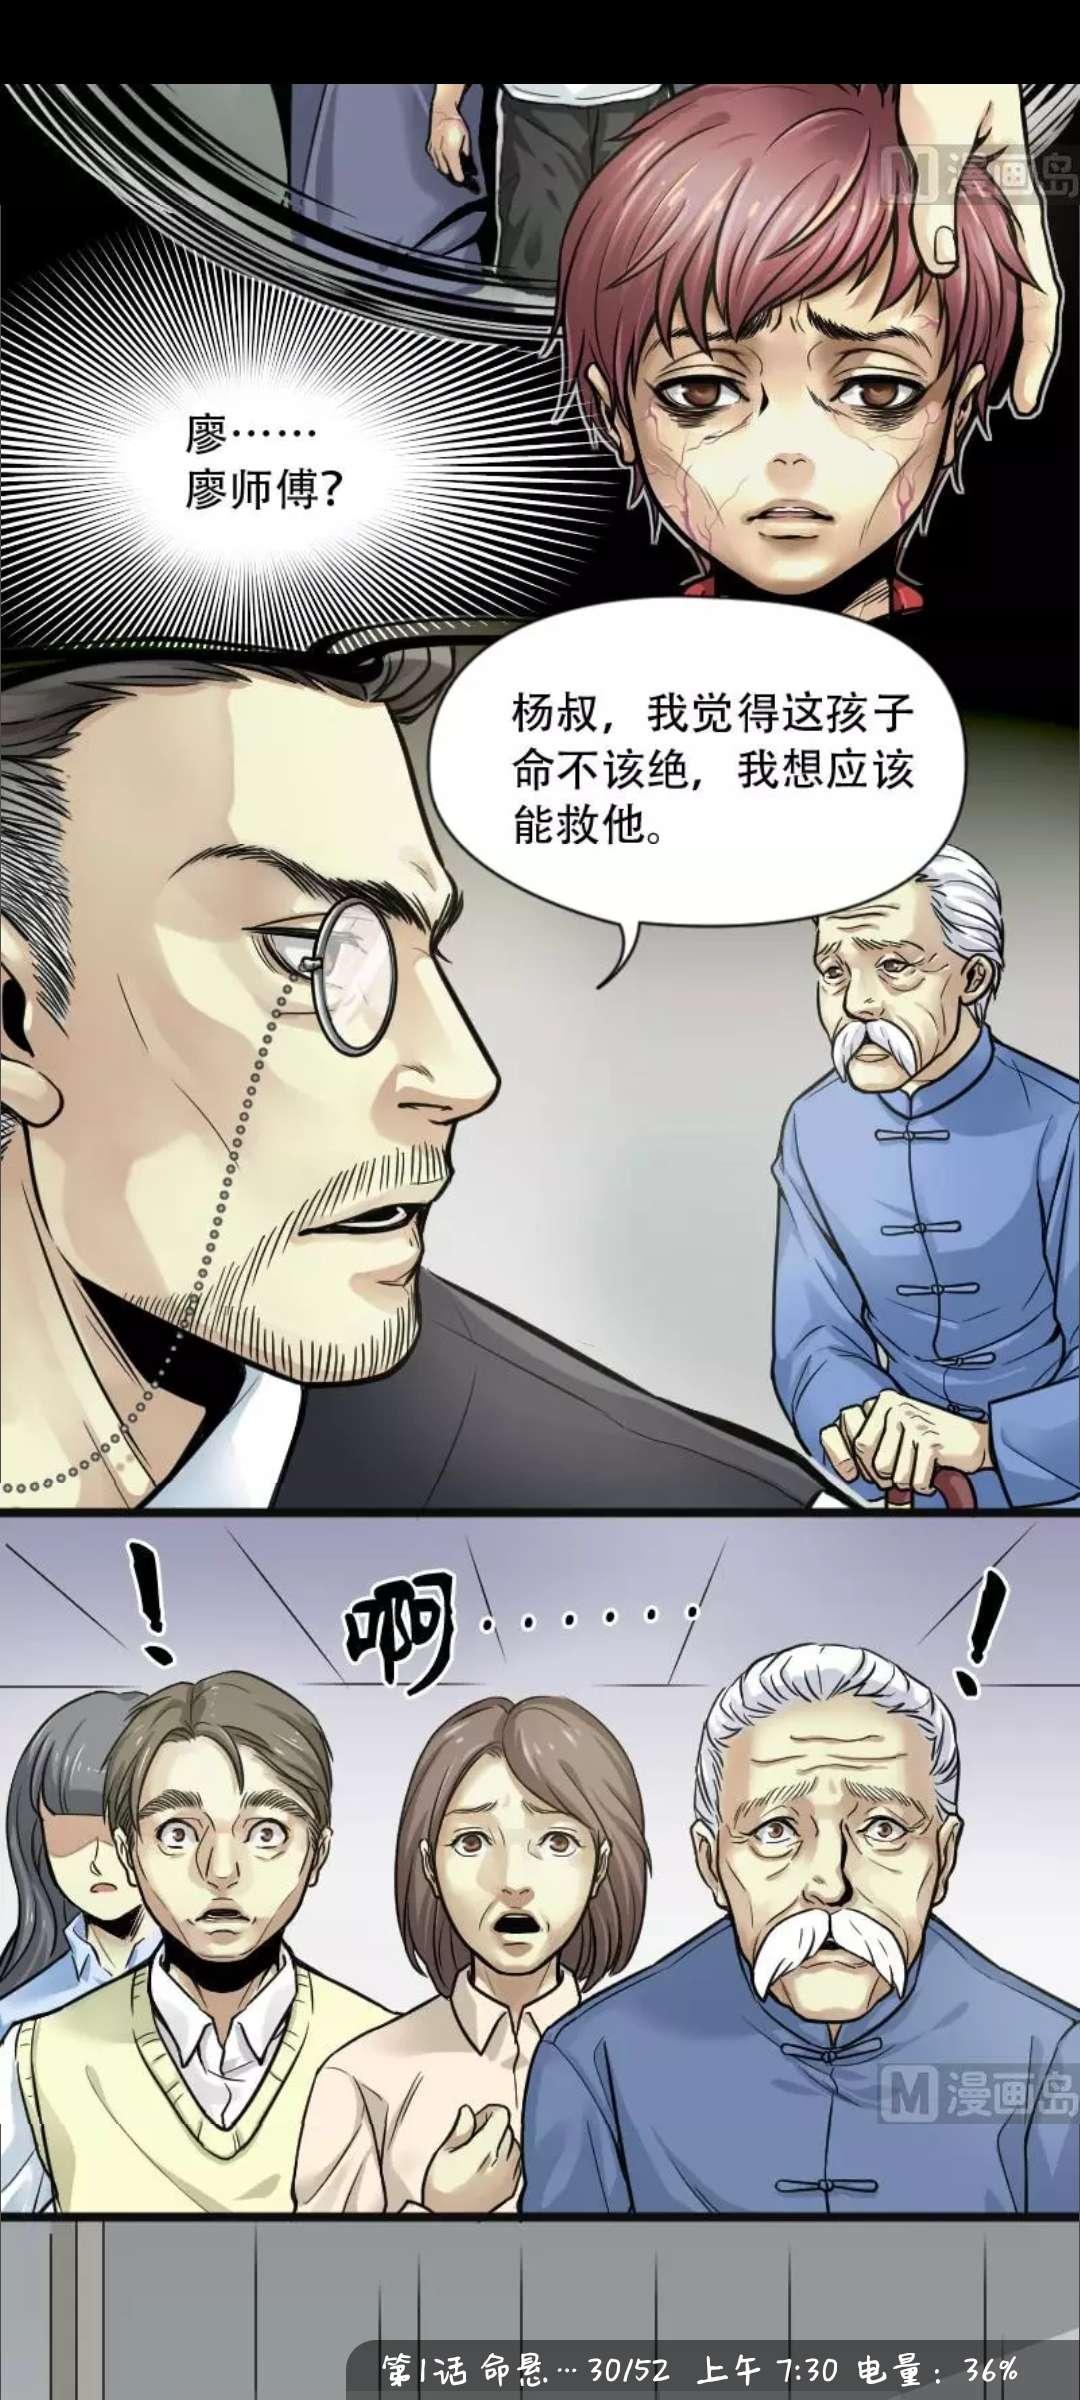 【漫画】实习   剃头匠